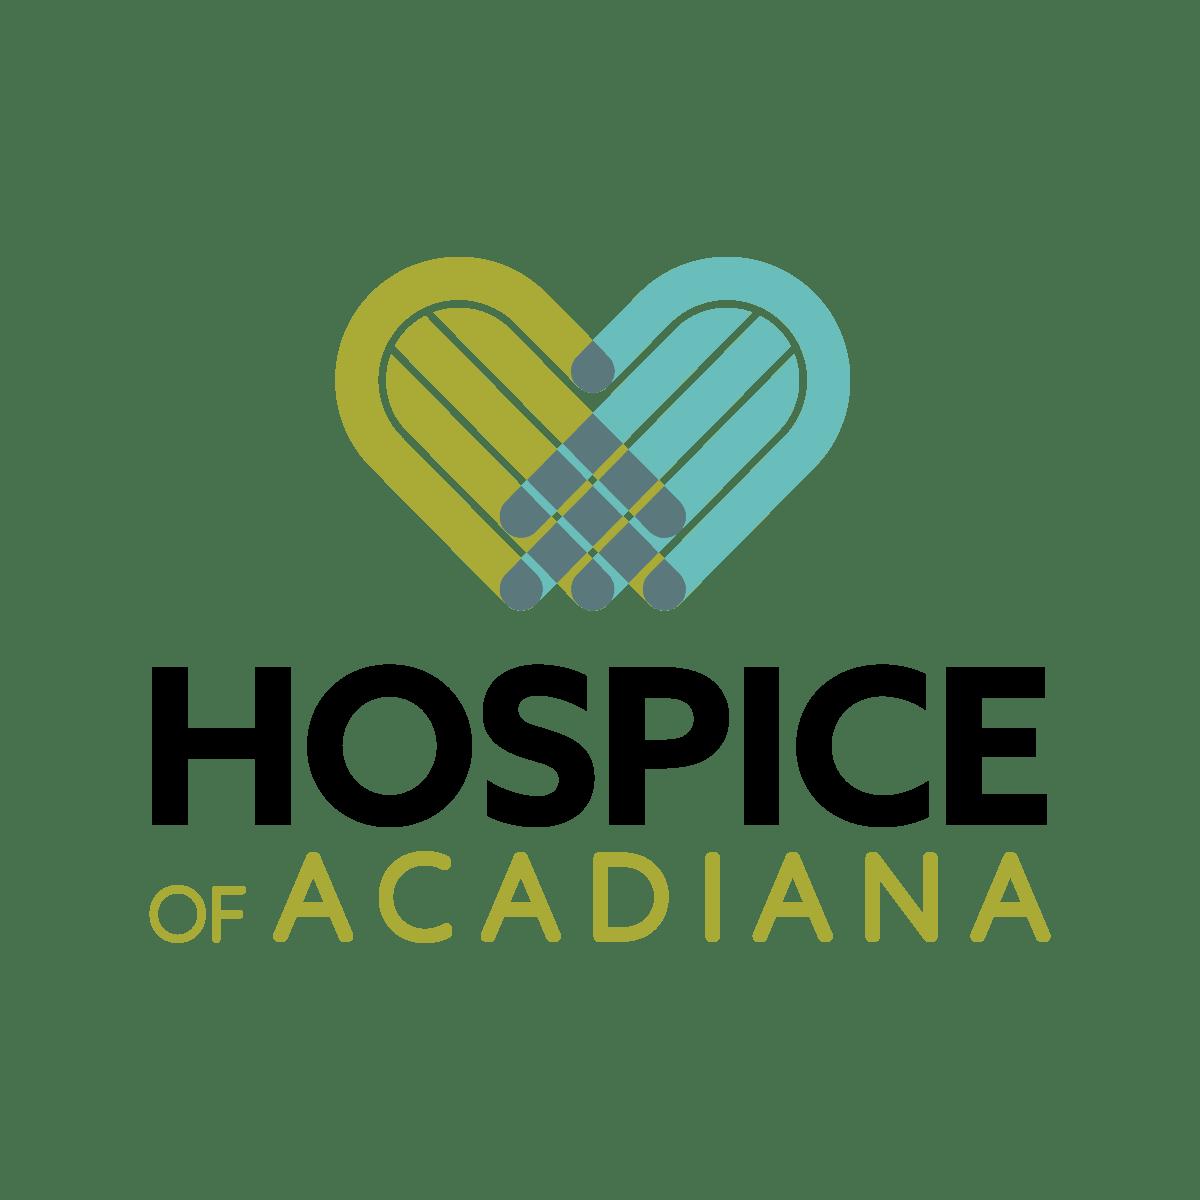 Hospice-of-Acadiana